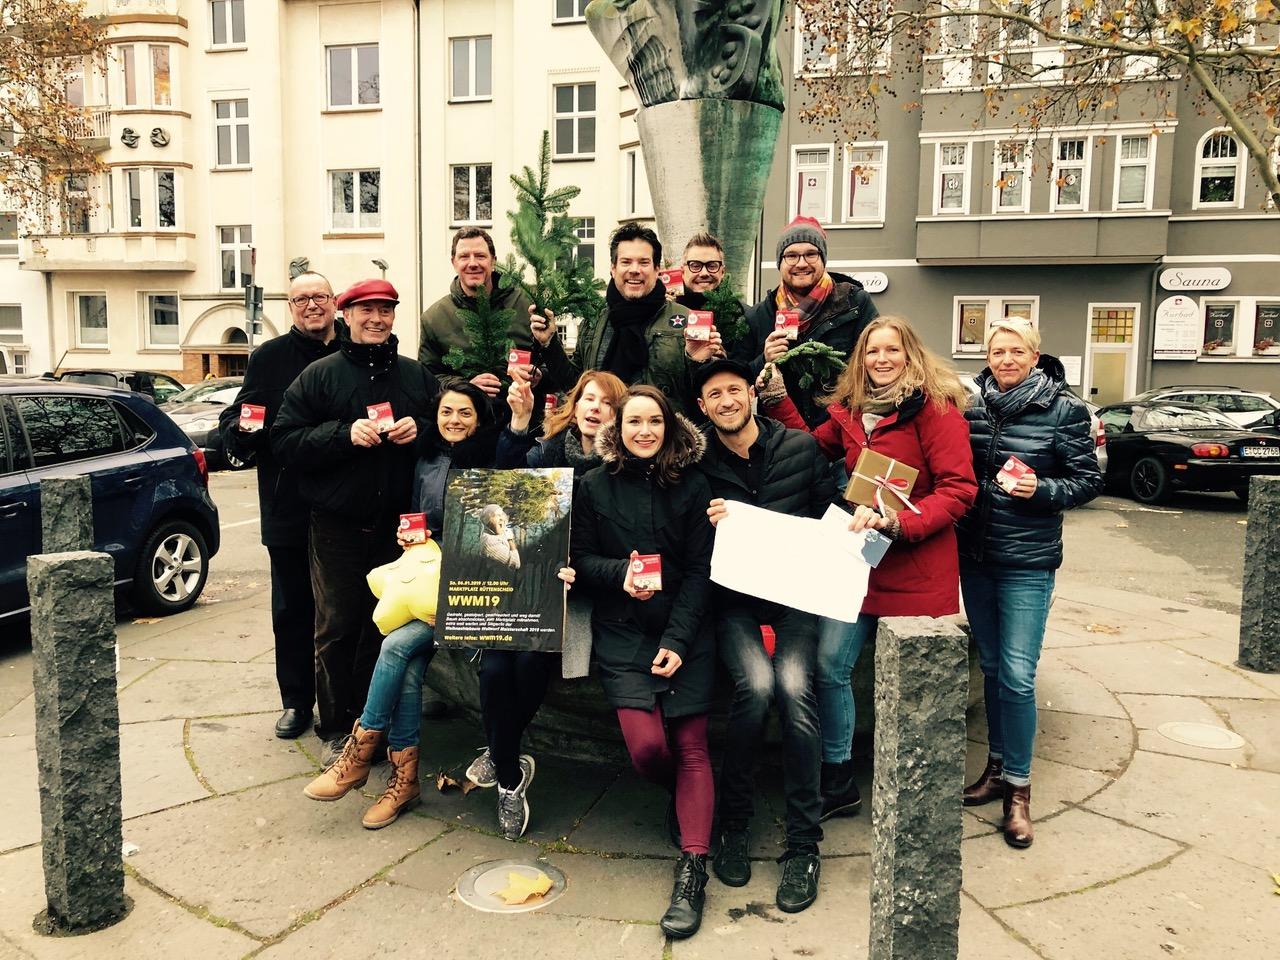 Den Zusammenhalt im Stadtteil stärken: Die Erlöse der Weihnachtsbaum Weitwurf Meisterschaft 2019 kommen den Essener Chancen zugute. (Foto: WWM19)